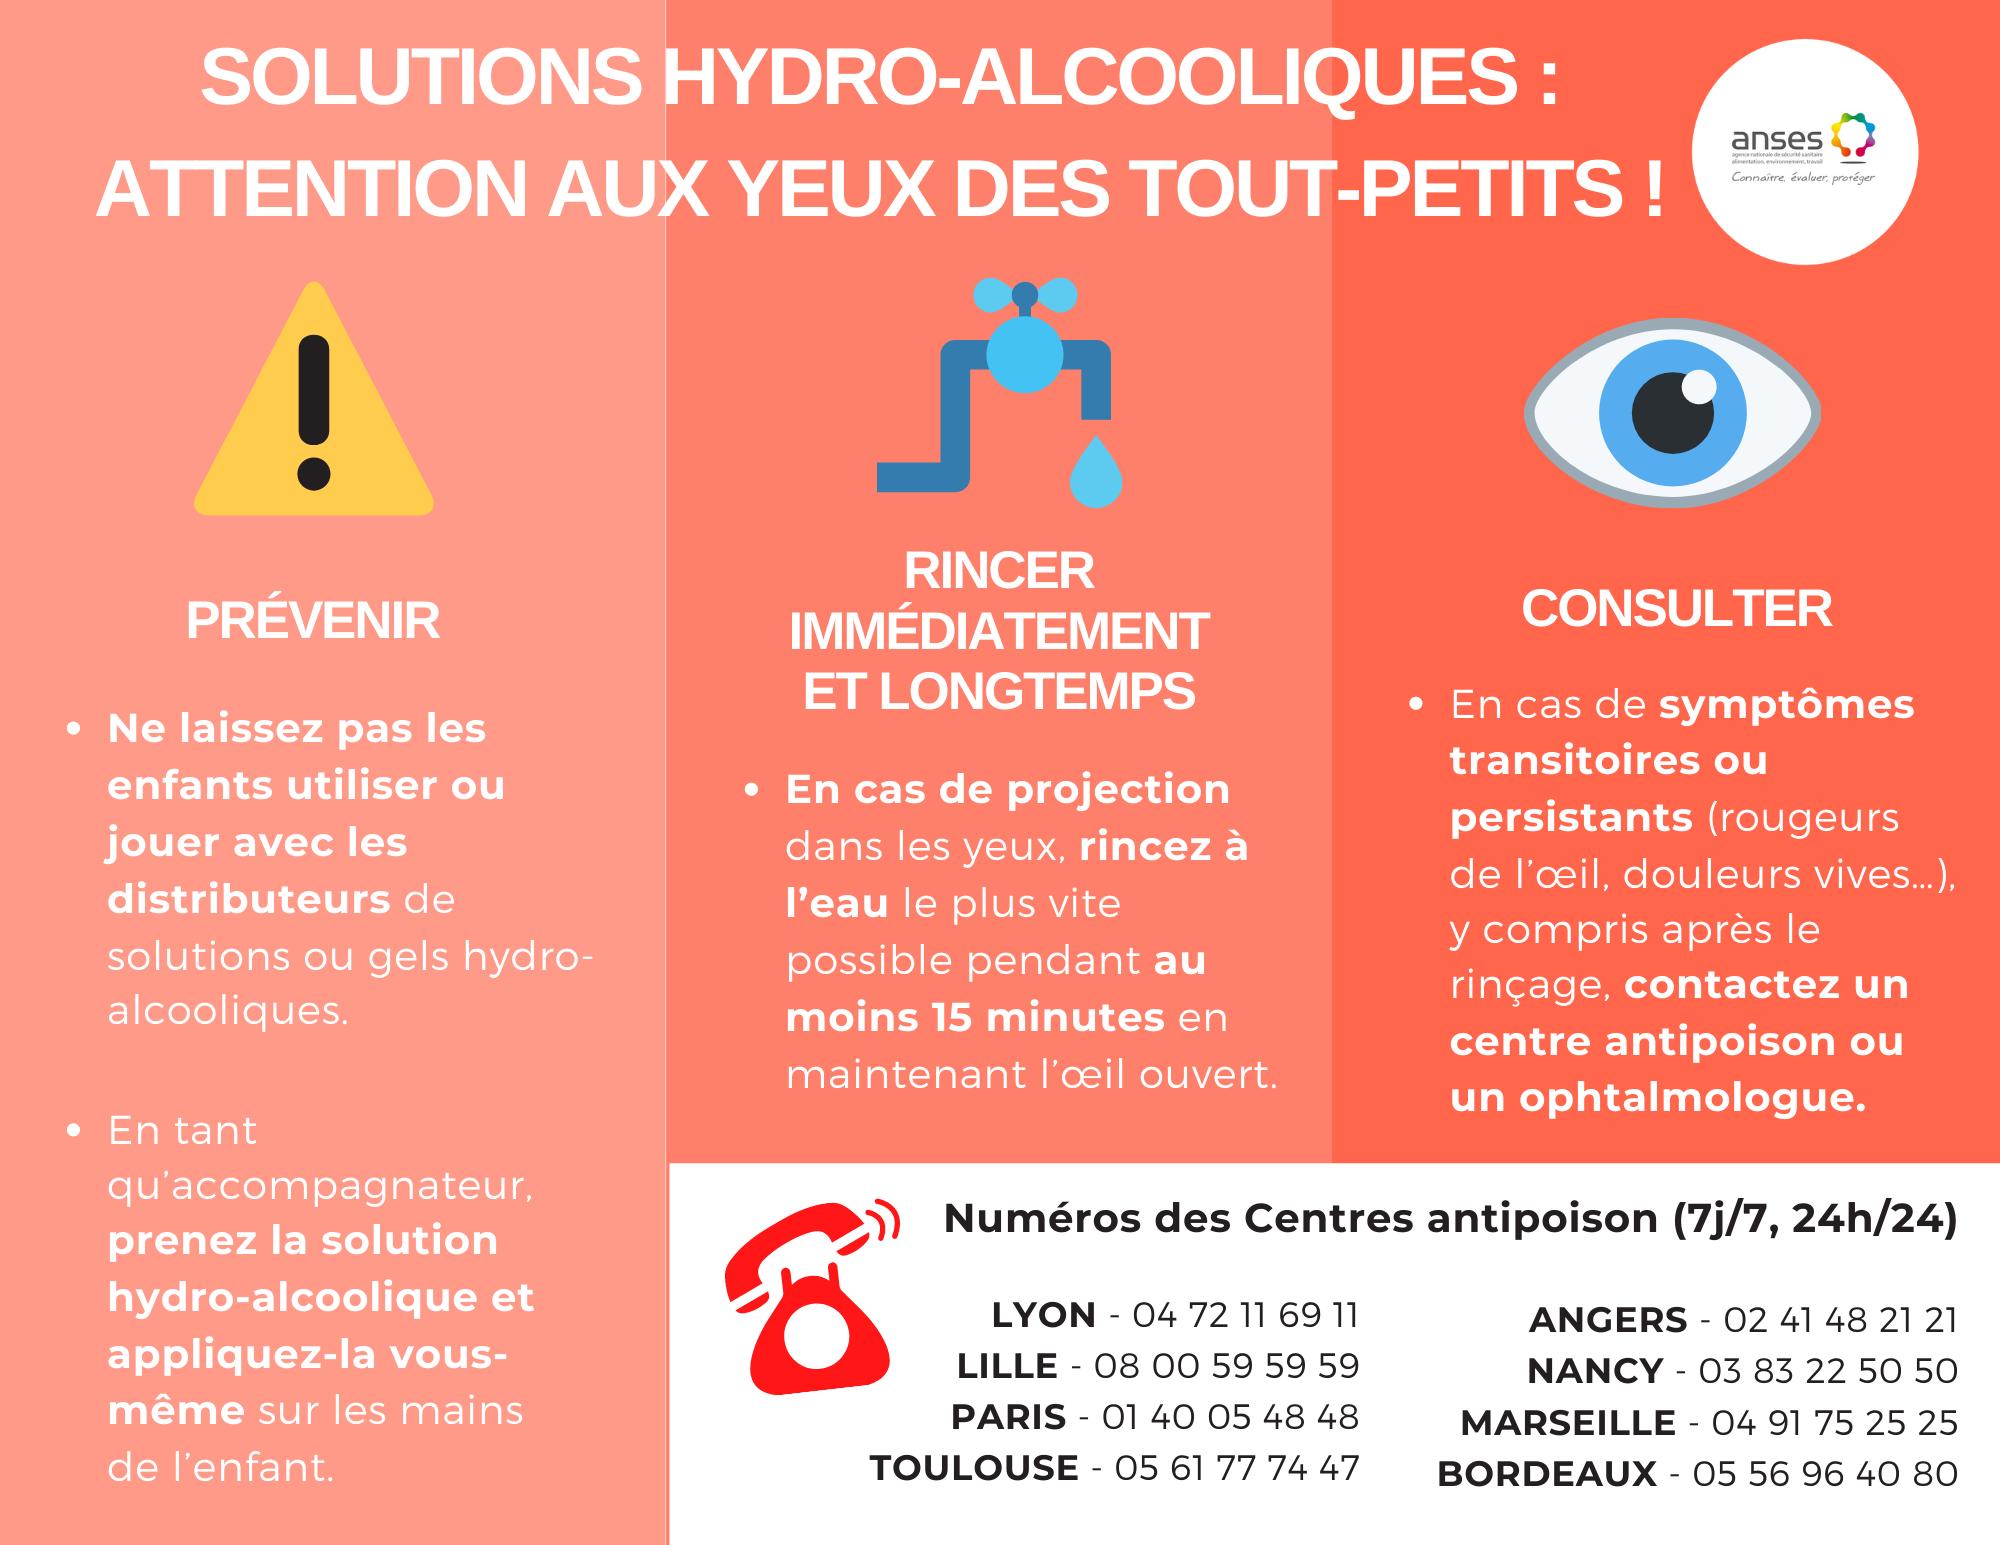 Solutions hydro-alcooliques : attention aux projections accidentelles dans les yeux des enfants. SHA%20enfantsdef